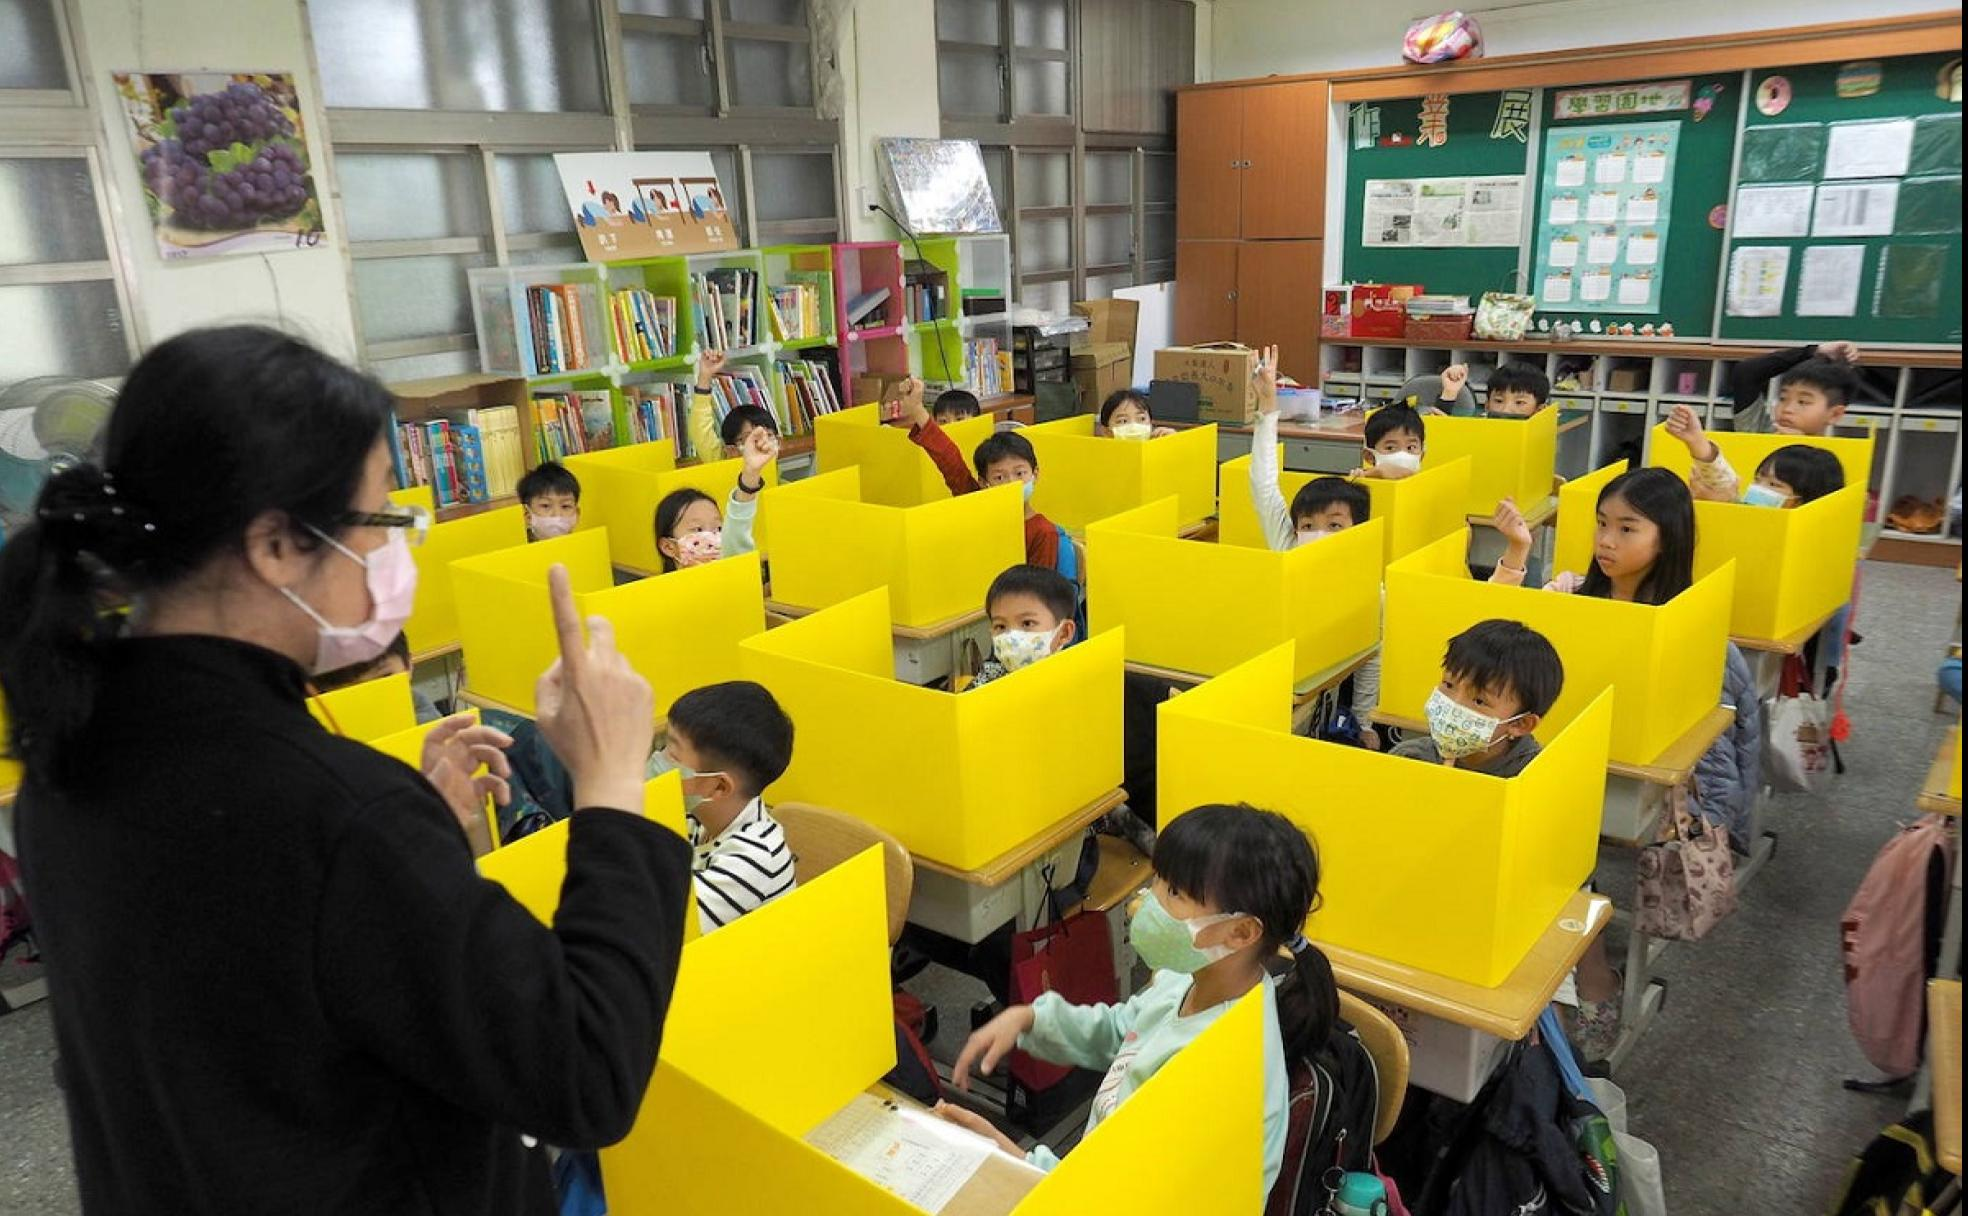 Así vuelven a las aulas los niños en China | Las Provincias